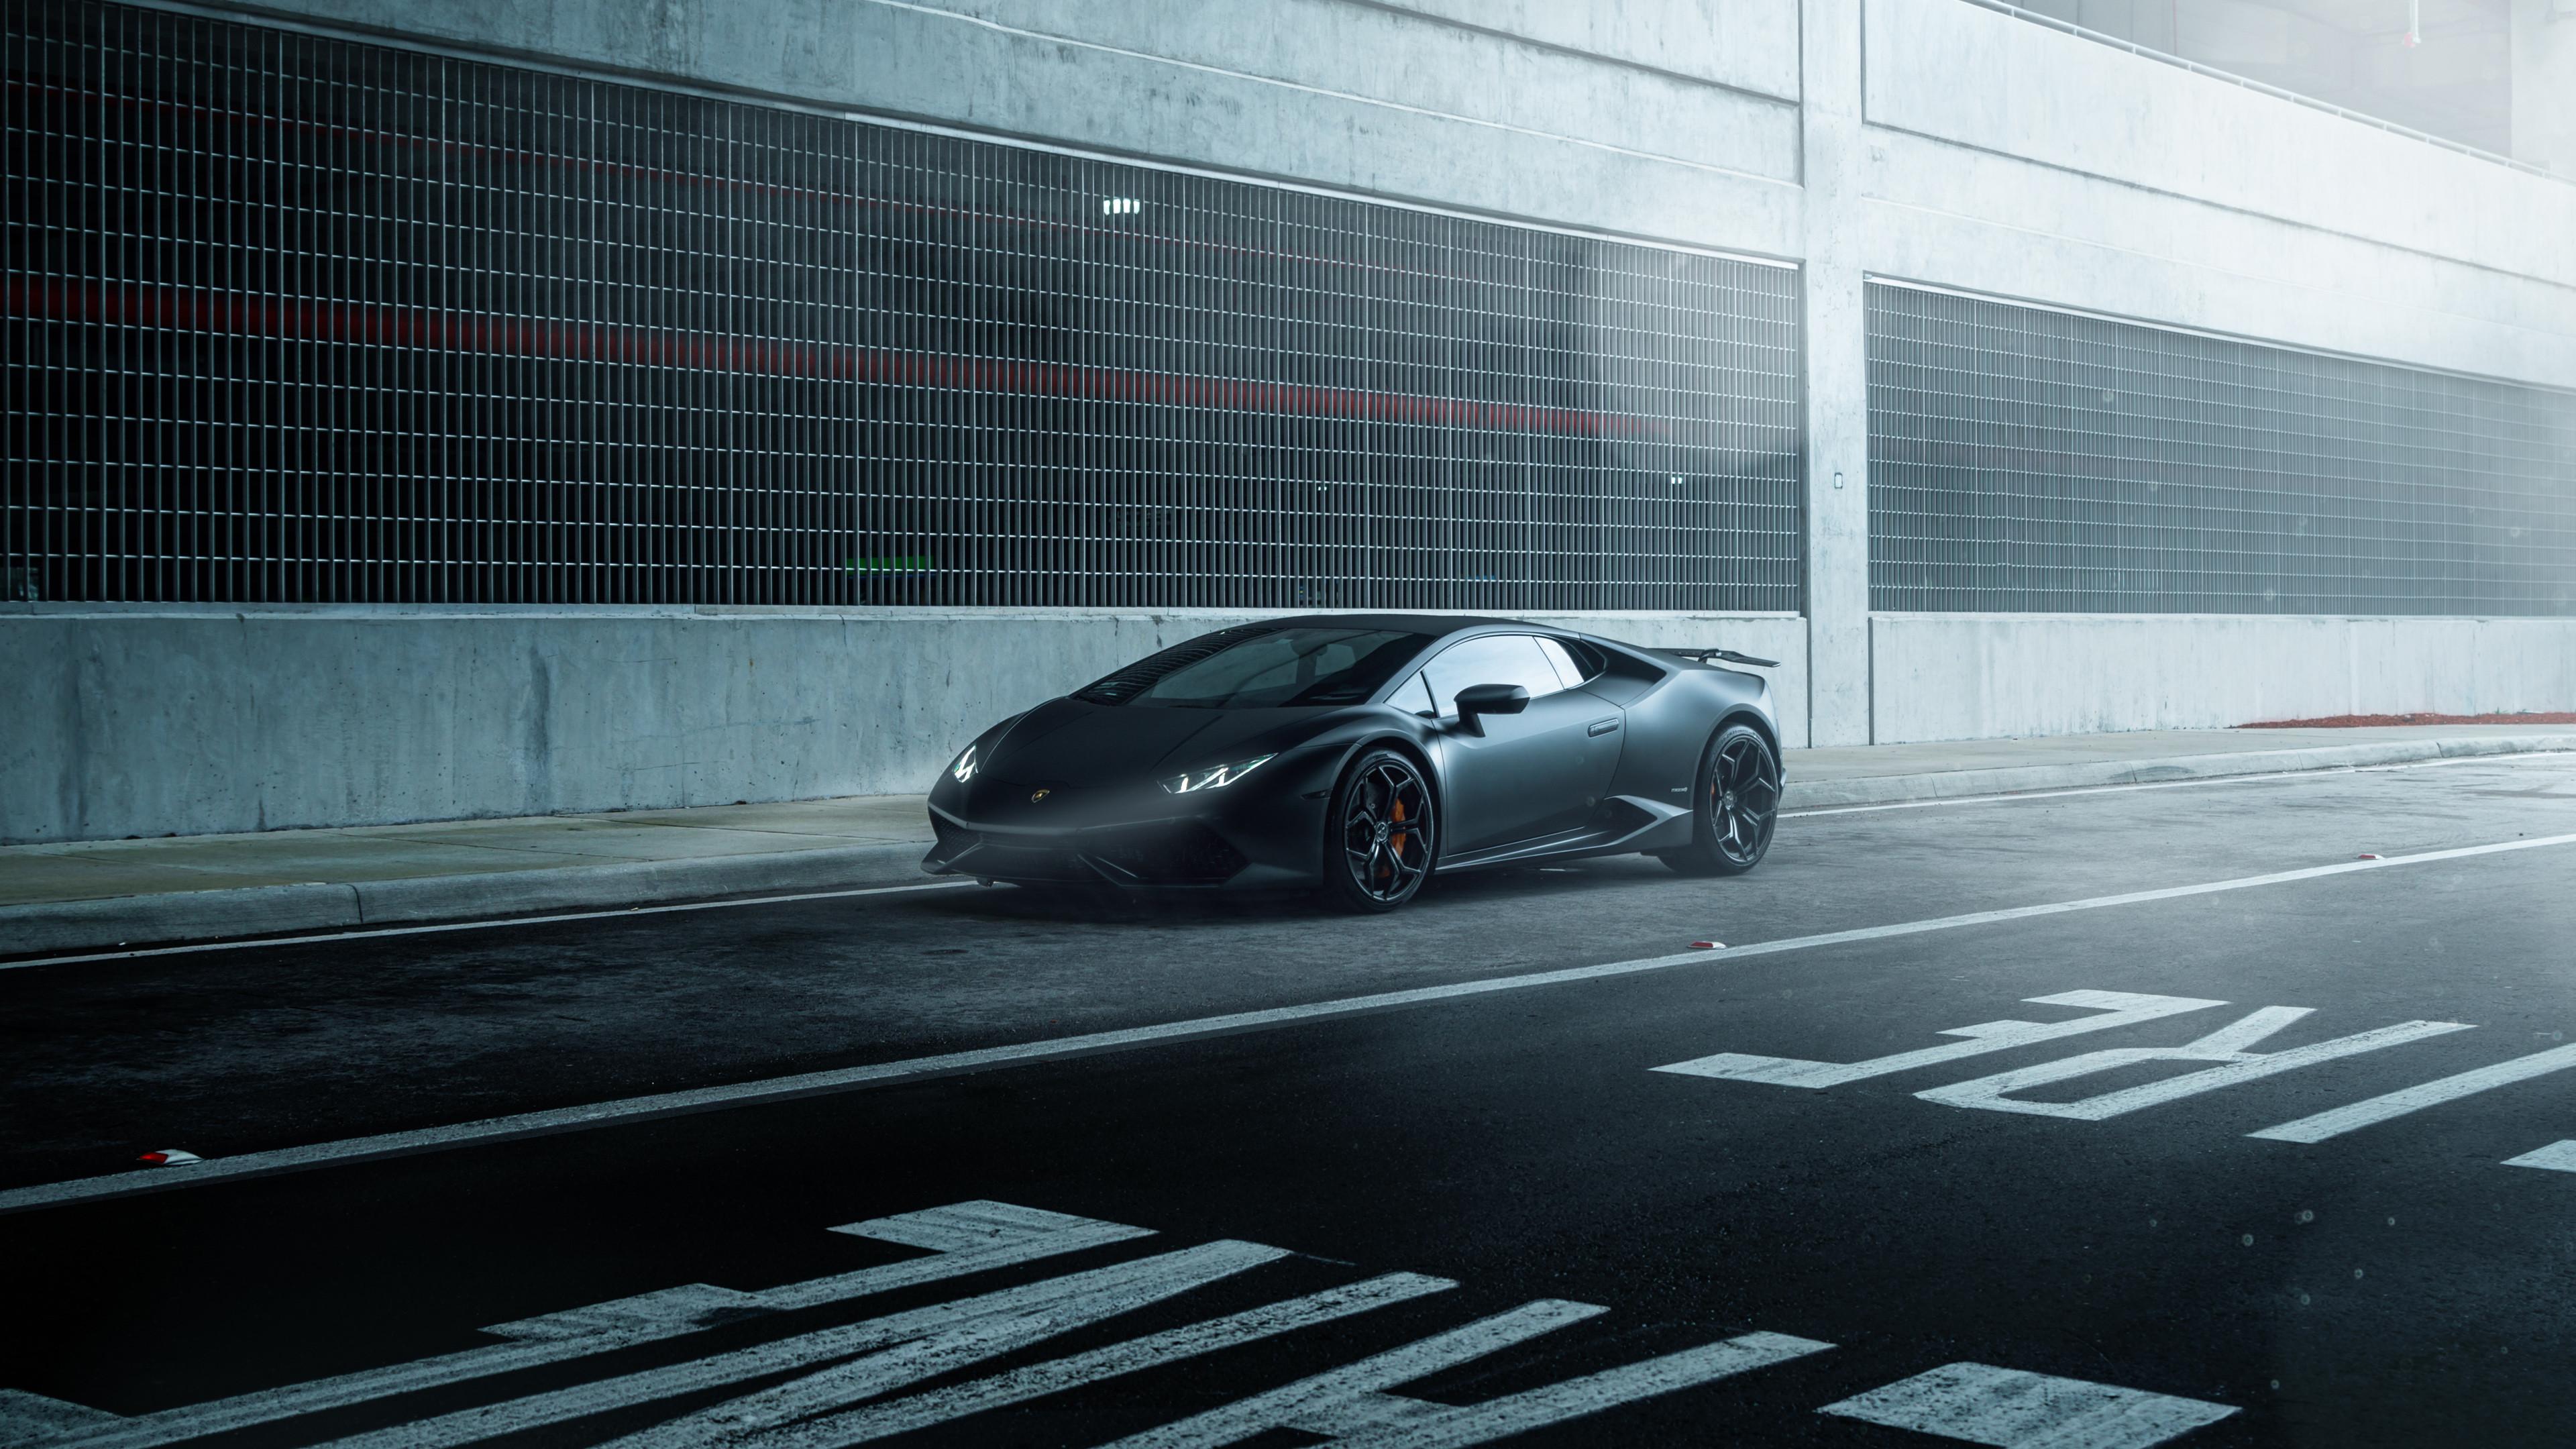 Res: 3840x2160, Author: William Stern. Tags: Black Lamborghini ...